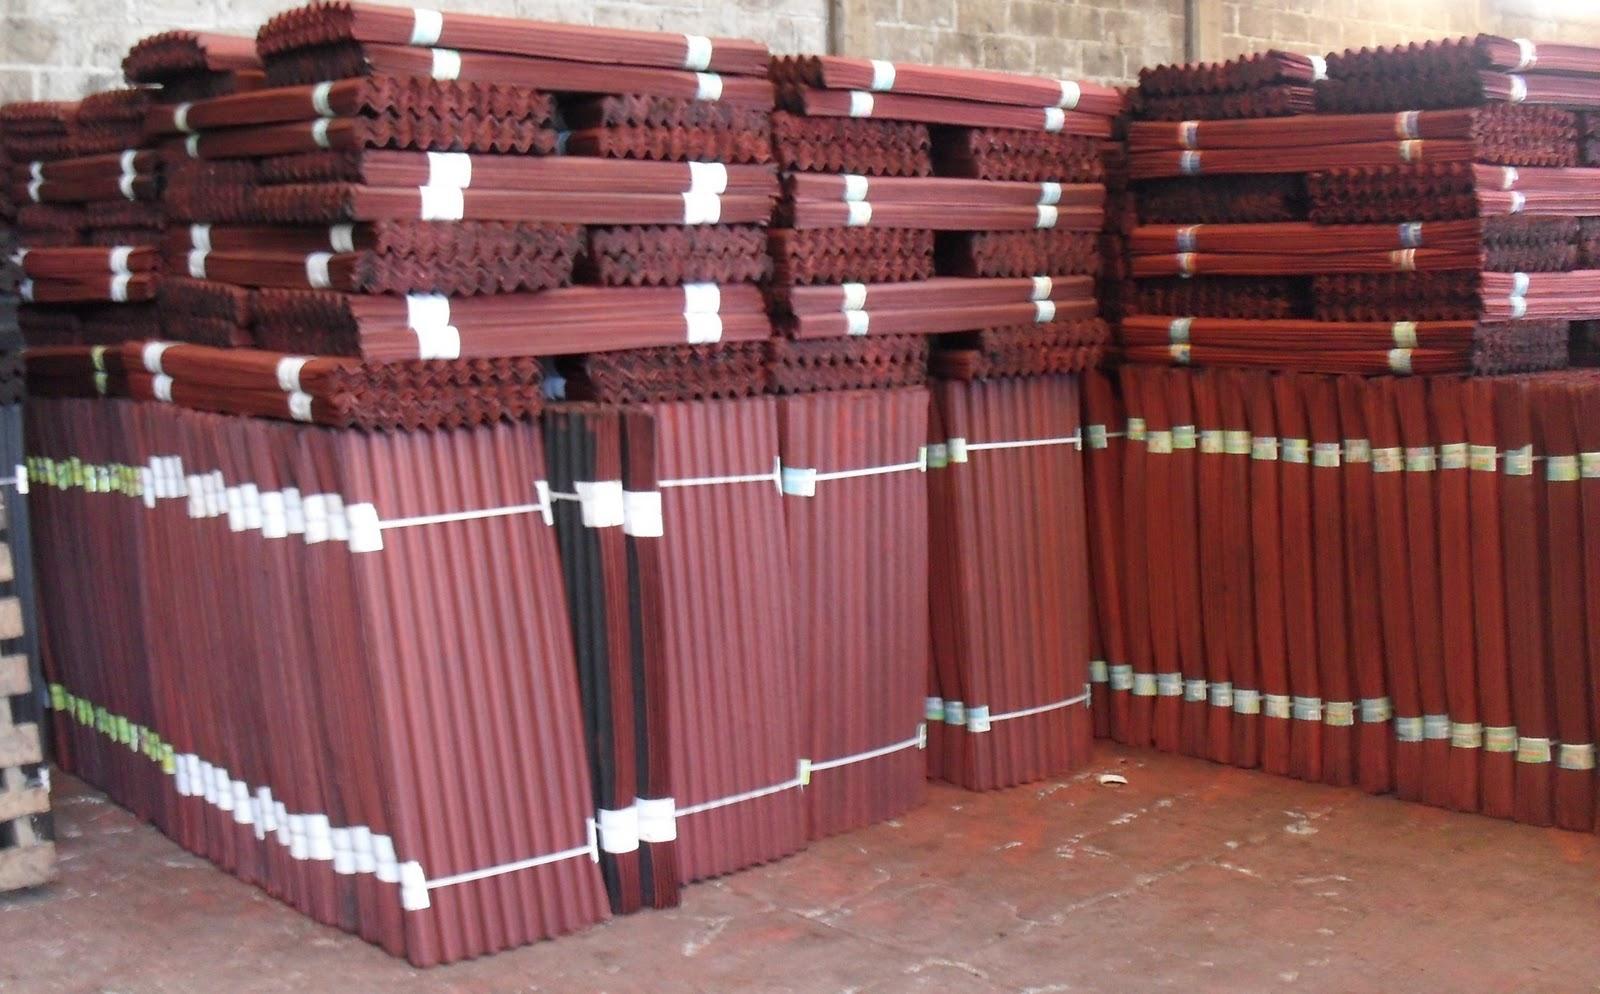 Laminasdecarton laminas de carton for Laminas de carton